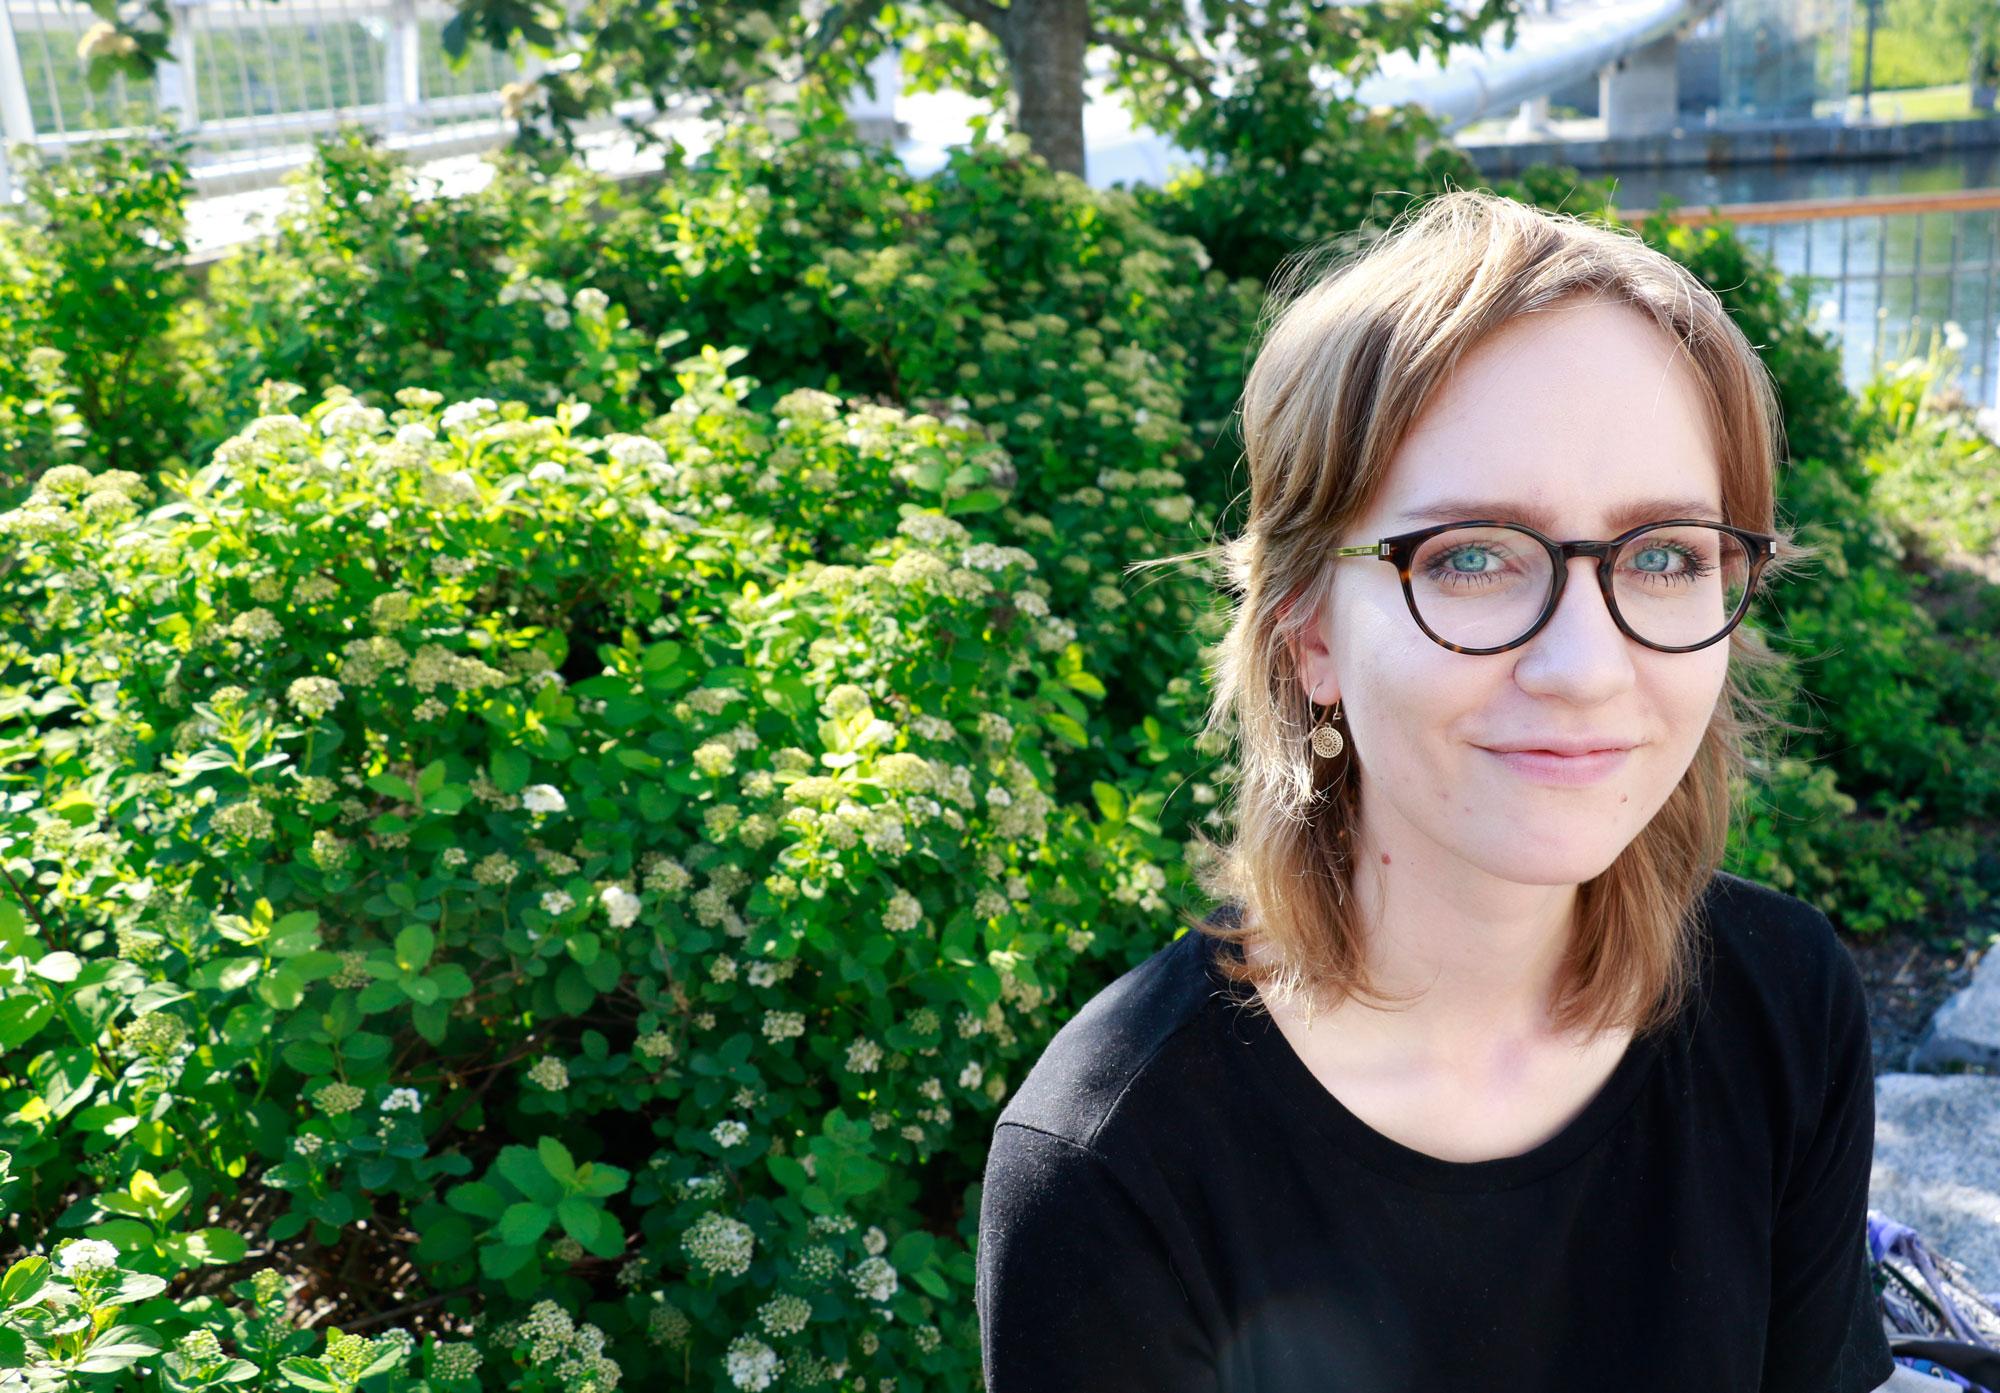 Roosa Kuisman toukokuussa hyväksytty kandidaatintutkielma käsittelee Tarasten kiertotalousaluetta suhteessa lähistön asukkaisiin sekä luontoon.